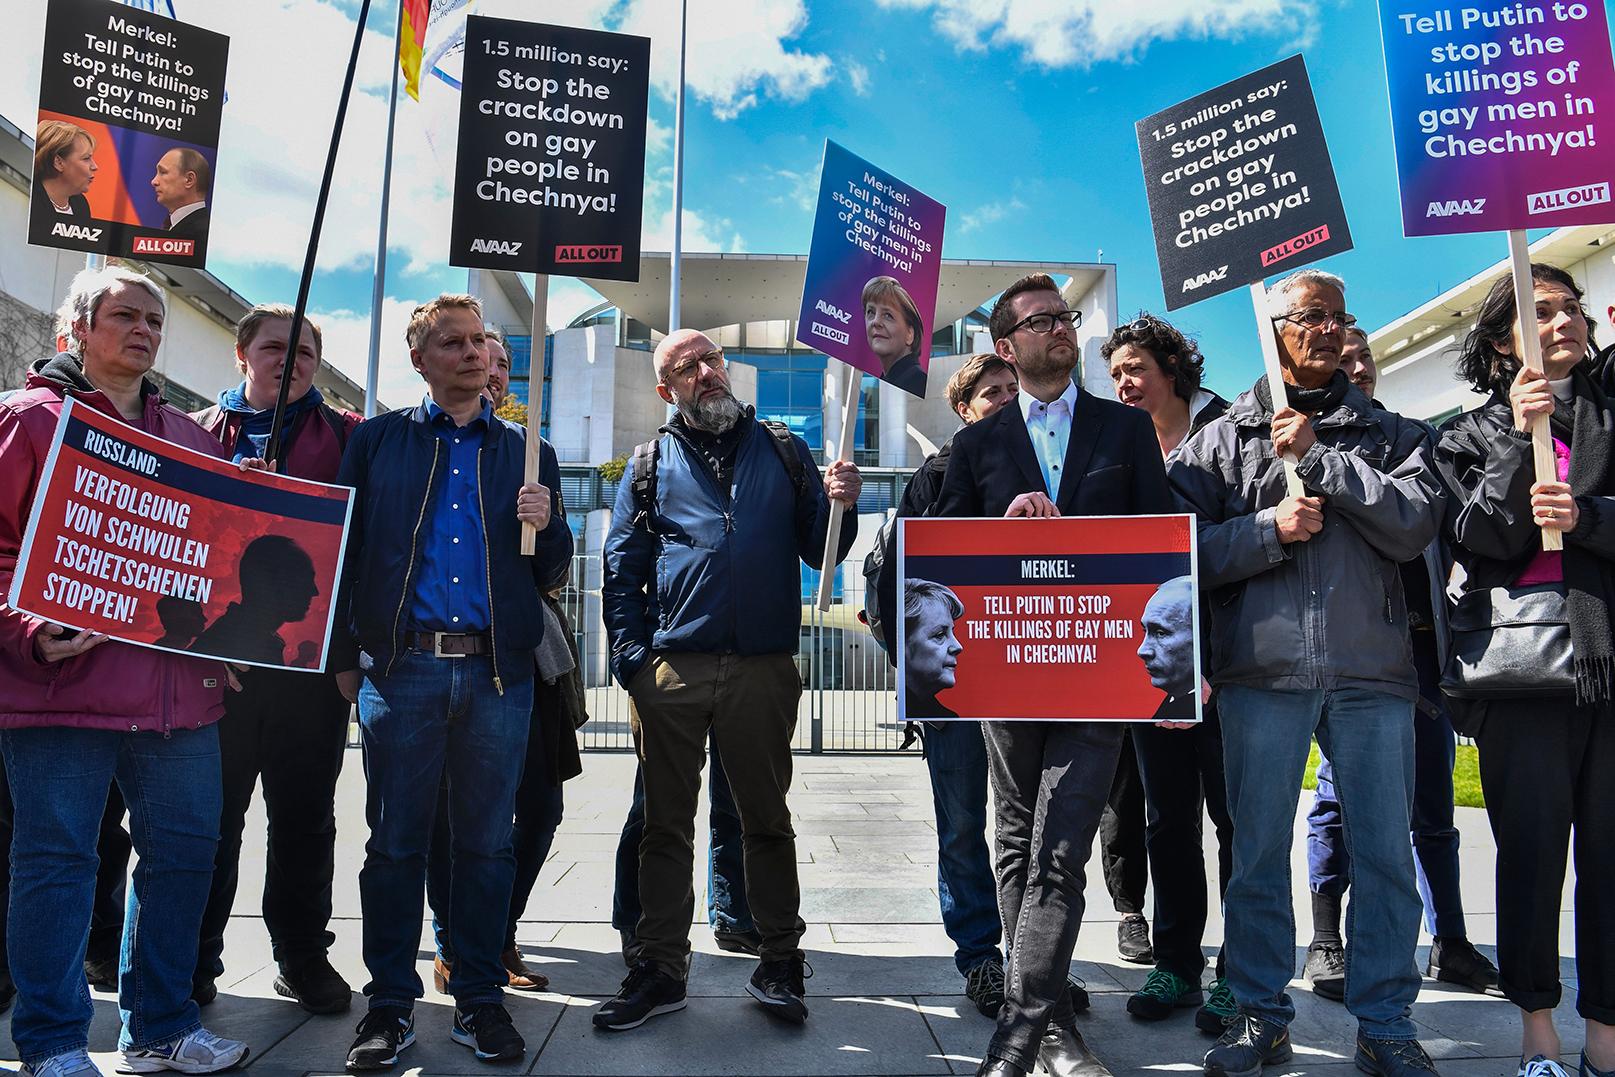 Ativistas exibem cartazes diante da Chancelaria de Berlim em 30 de abril de 2017, durante uma manifestação exigindo do presidente da Rússia o fim da perseguição aos homens gays na Chechênia.